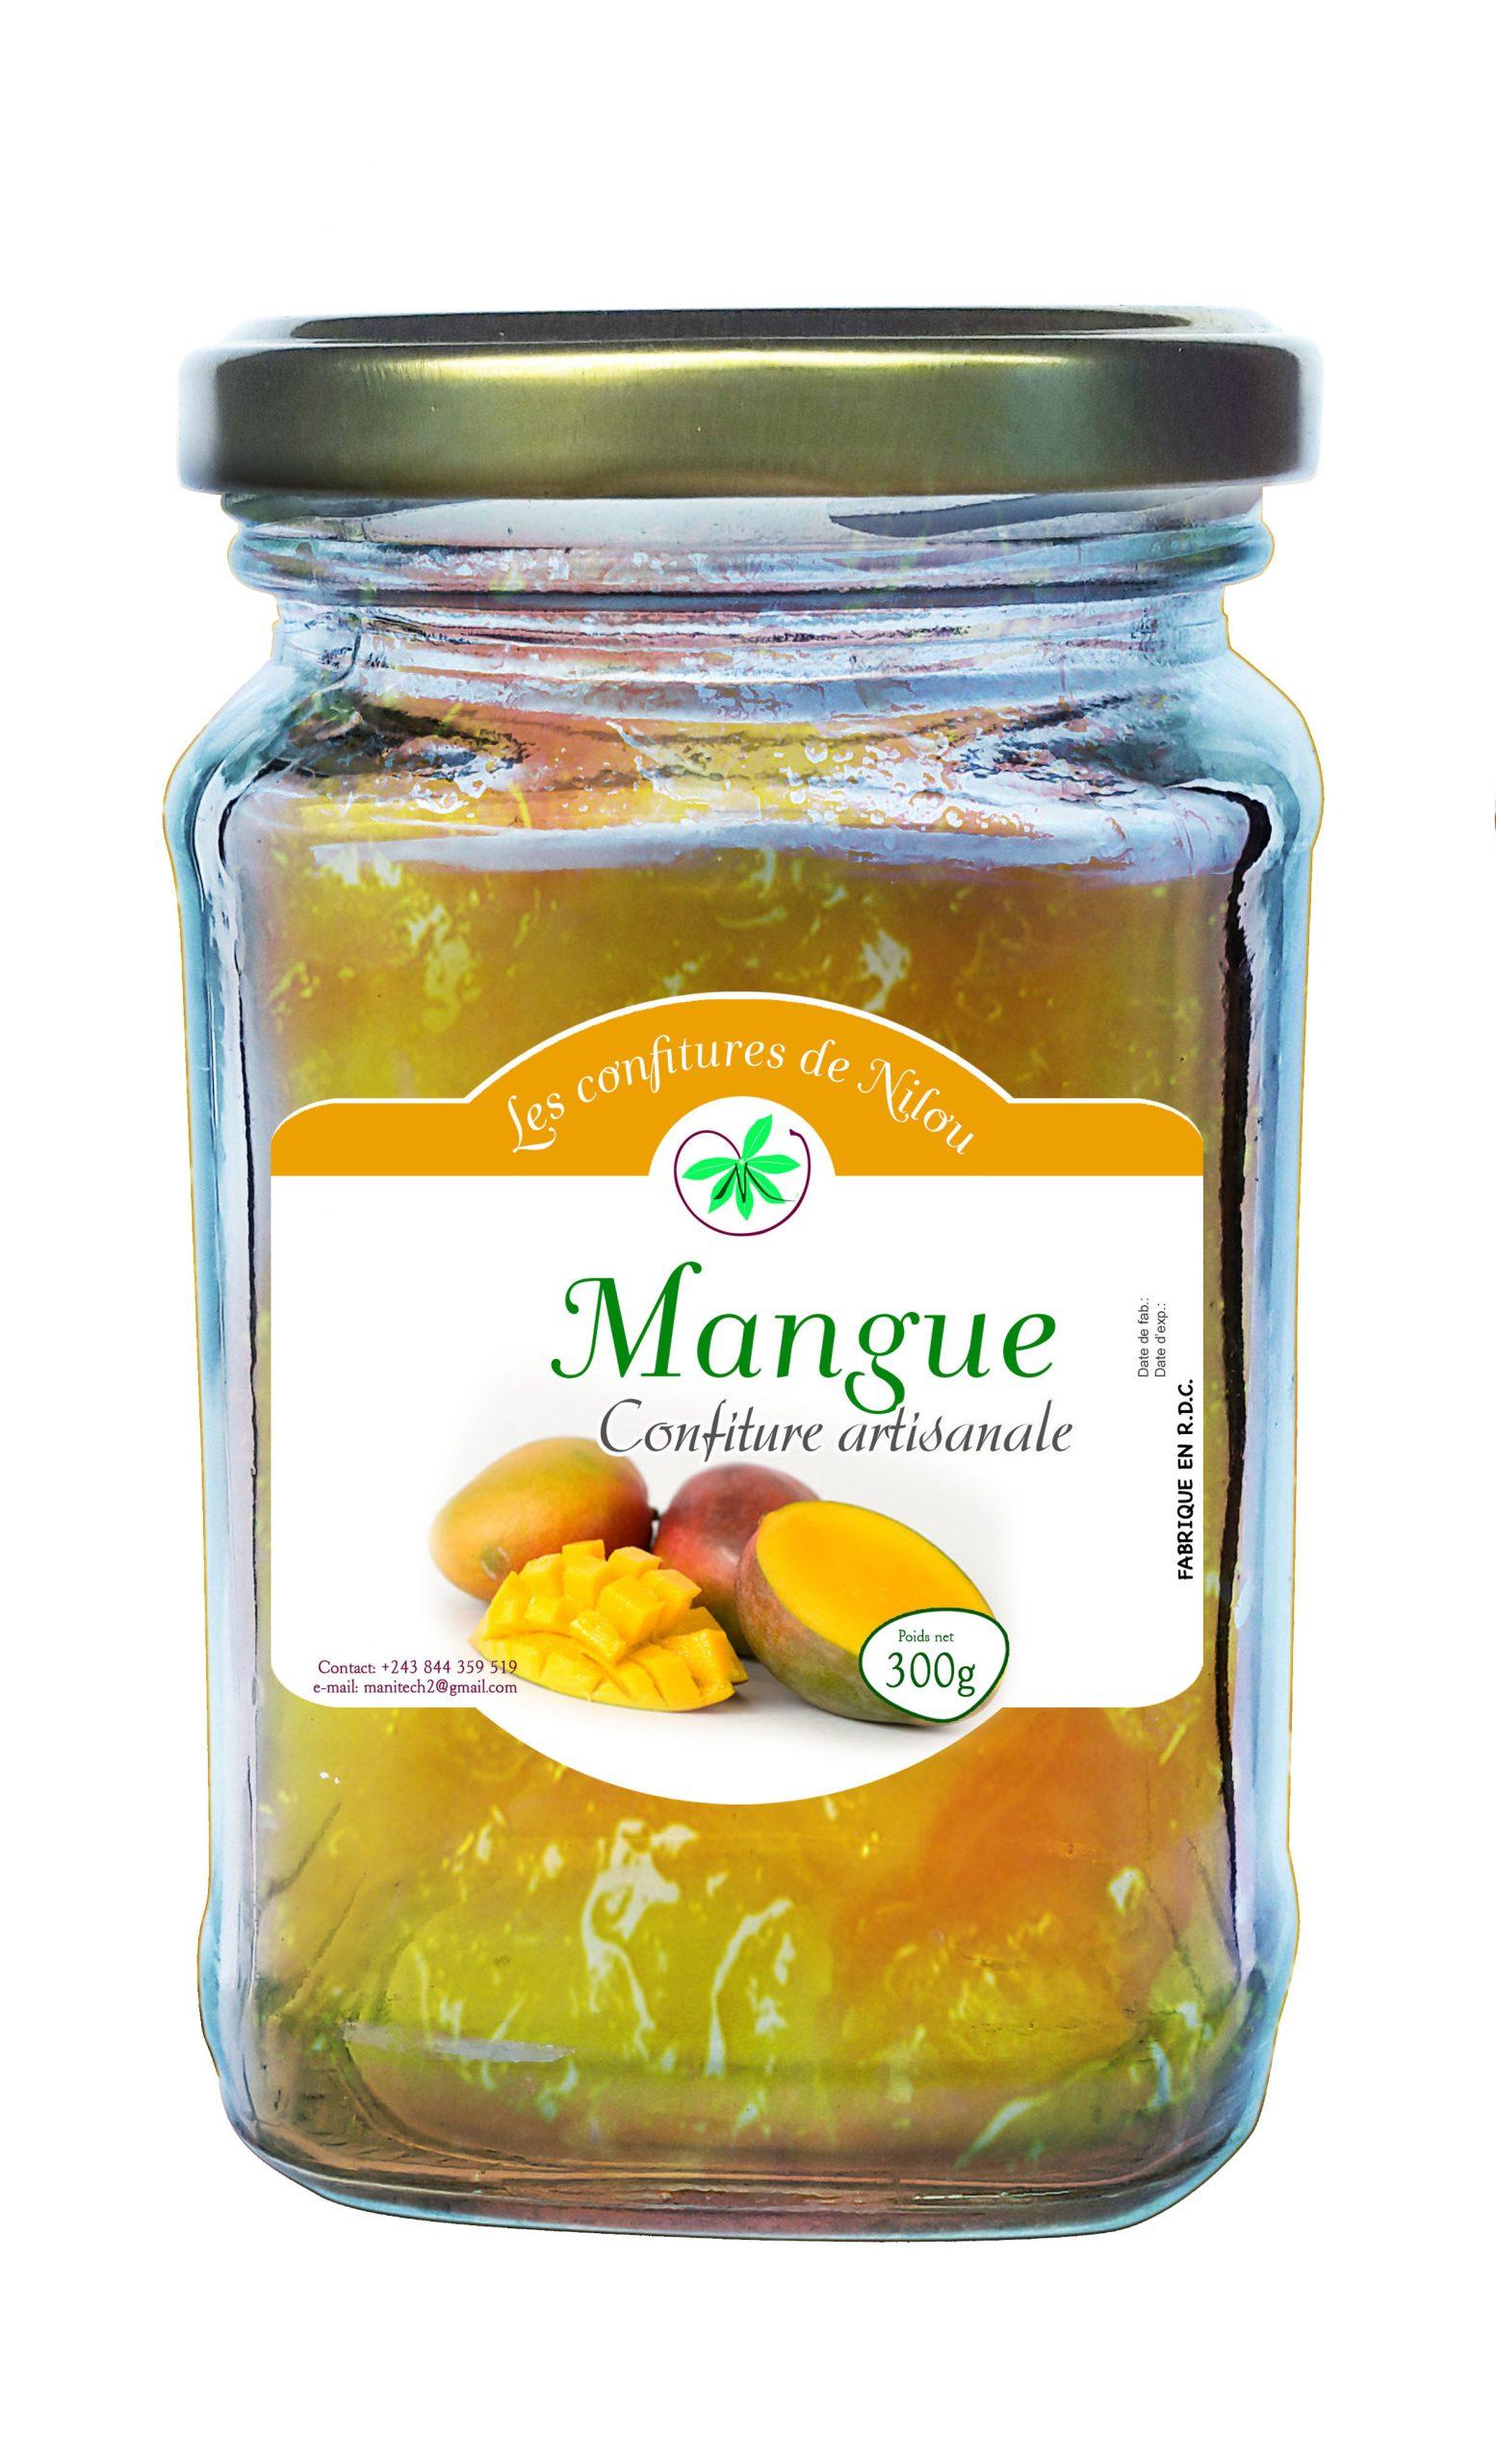 Confiture de mangue-Manitech Congo-2019-Kinshasa RDCongo